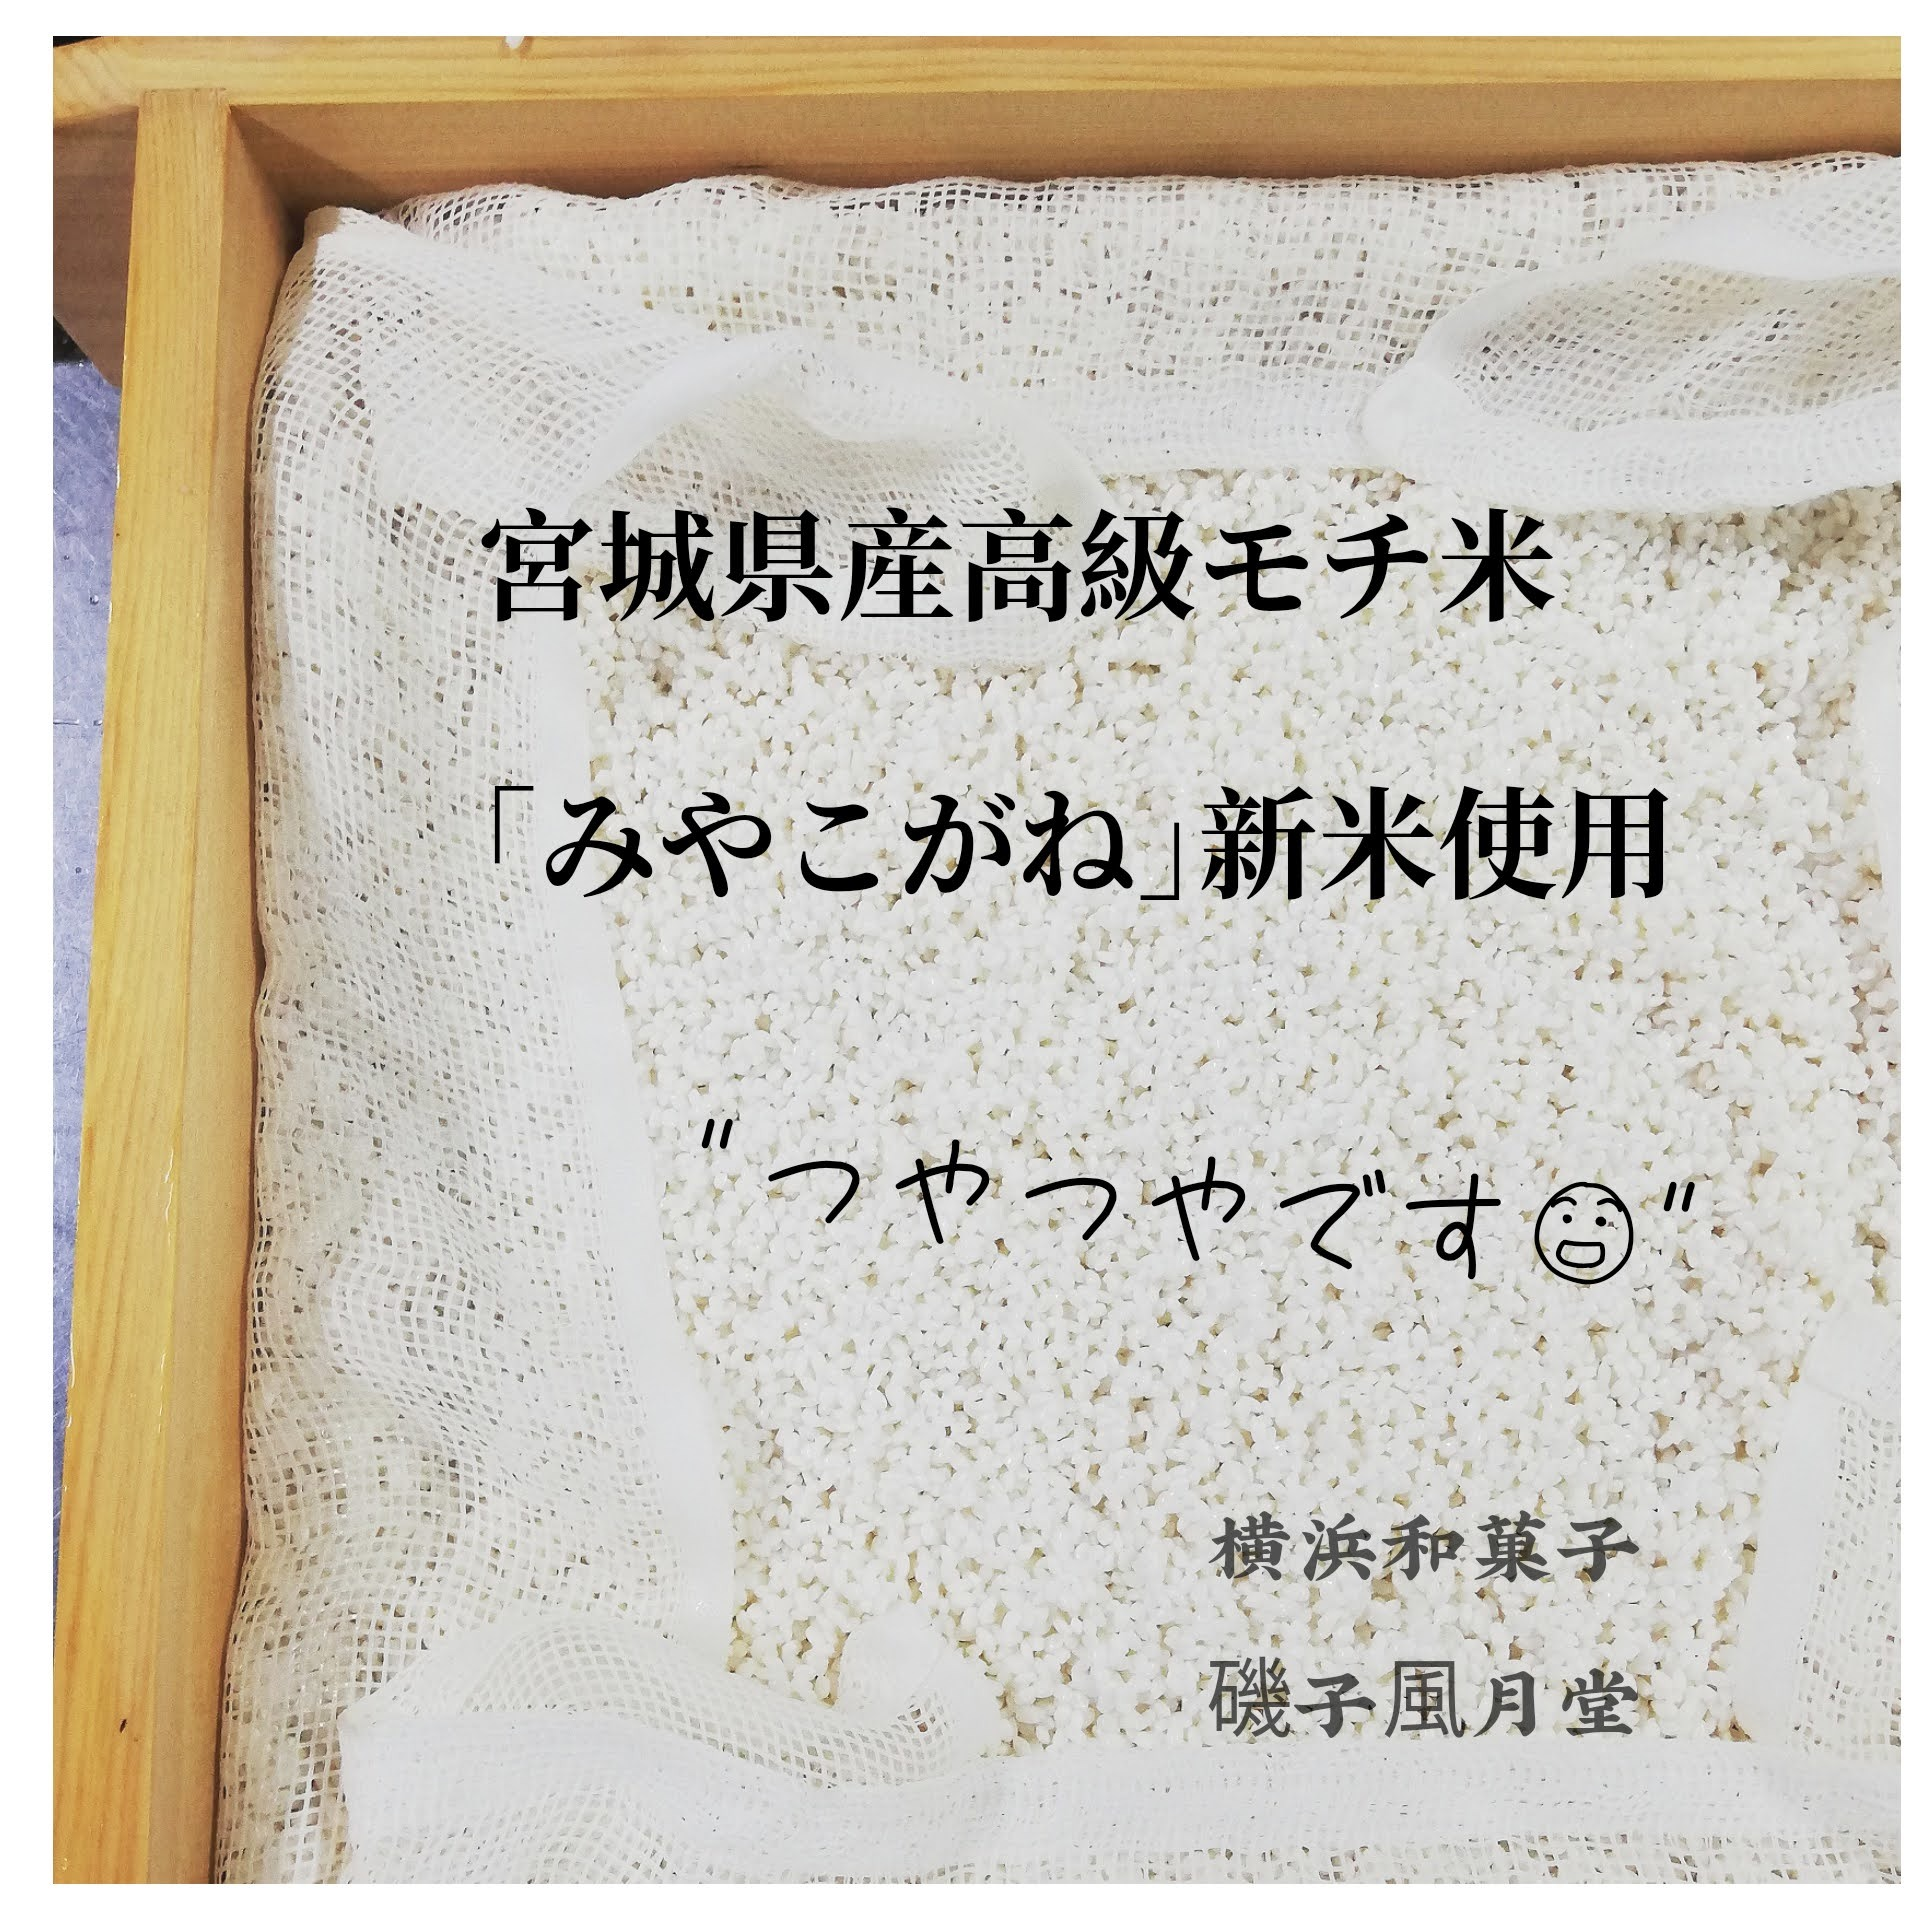 お正月のお餅 通販を始めました 横浜和菓子 磯子風月堂_e0092594_22154420.jpg